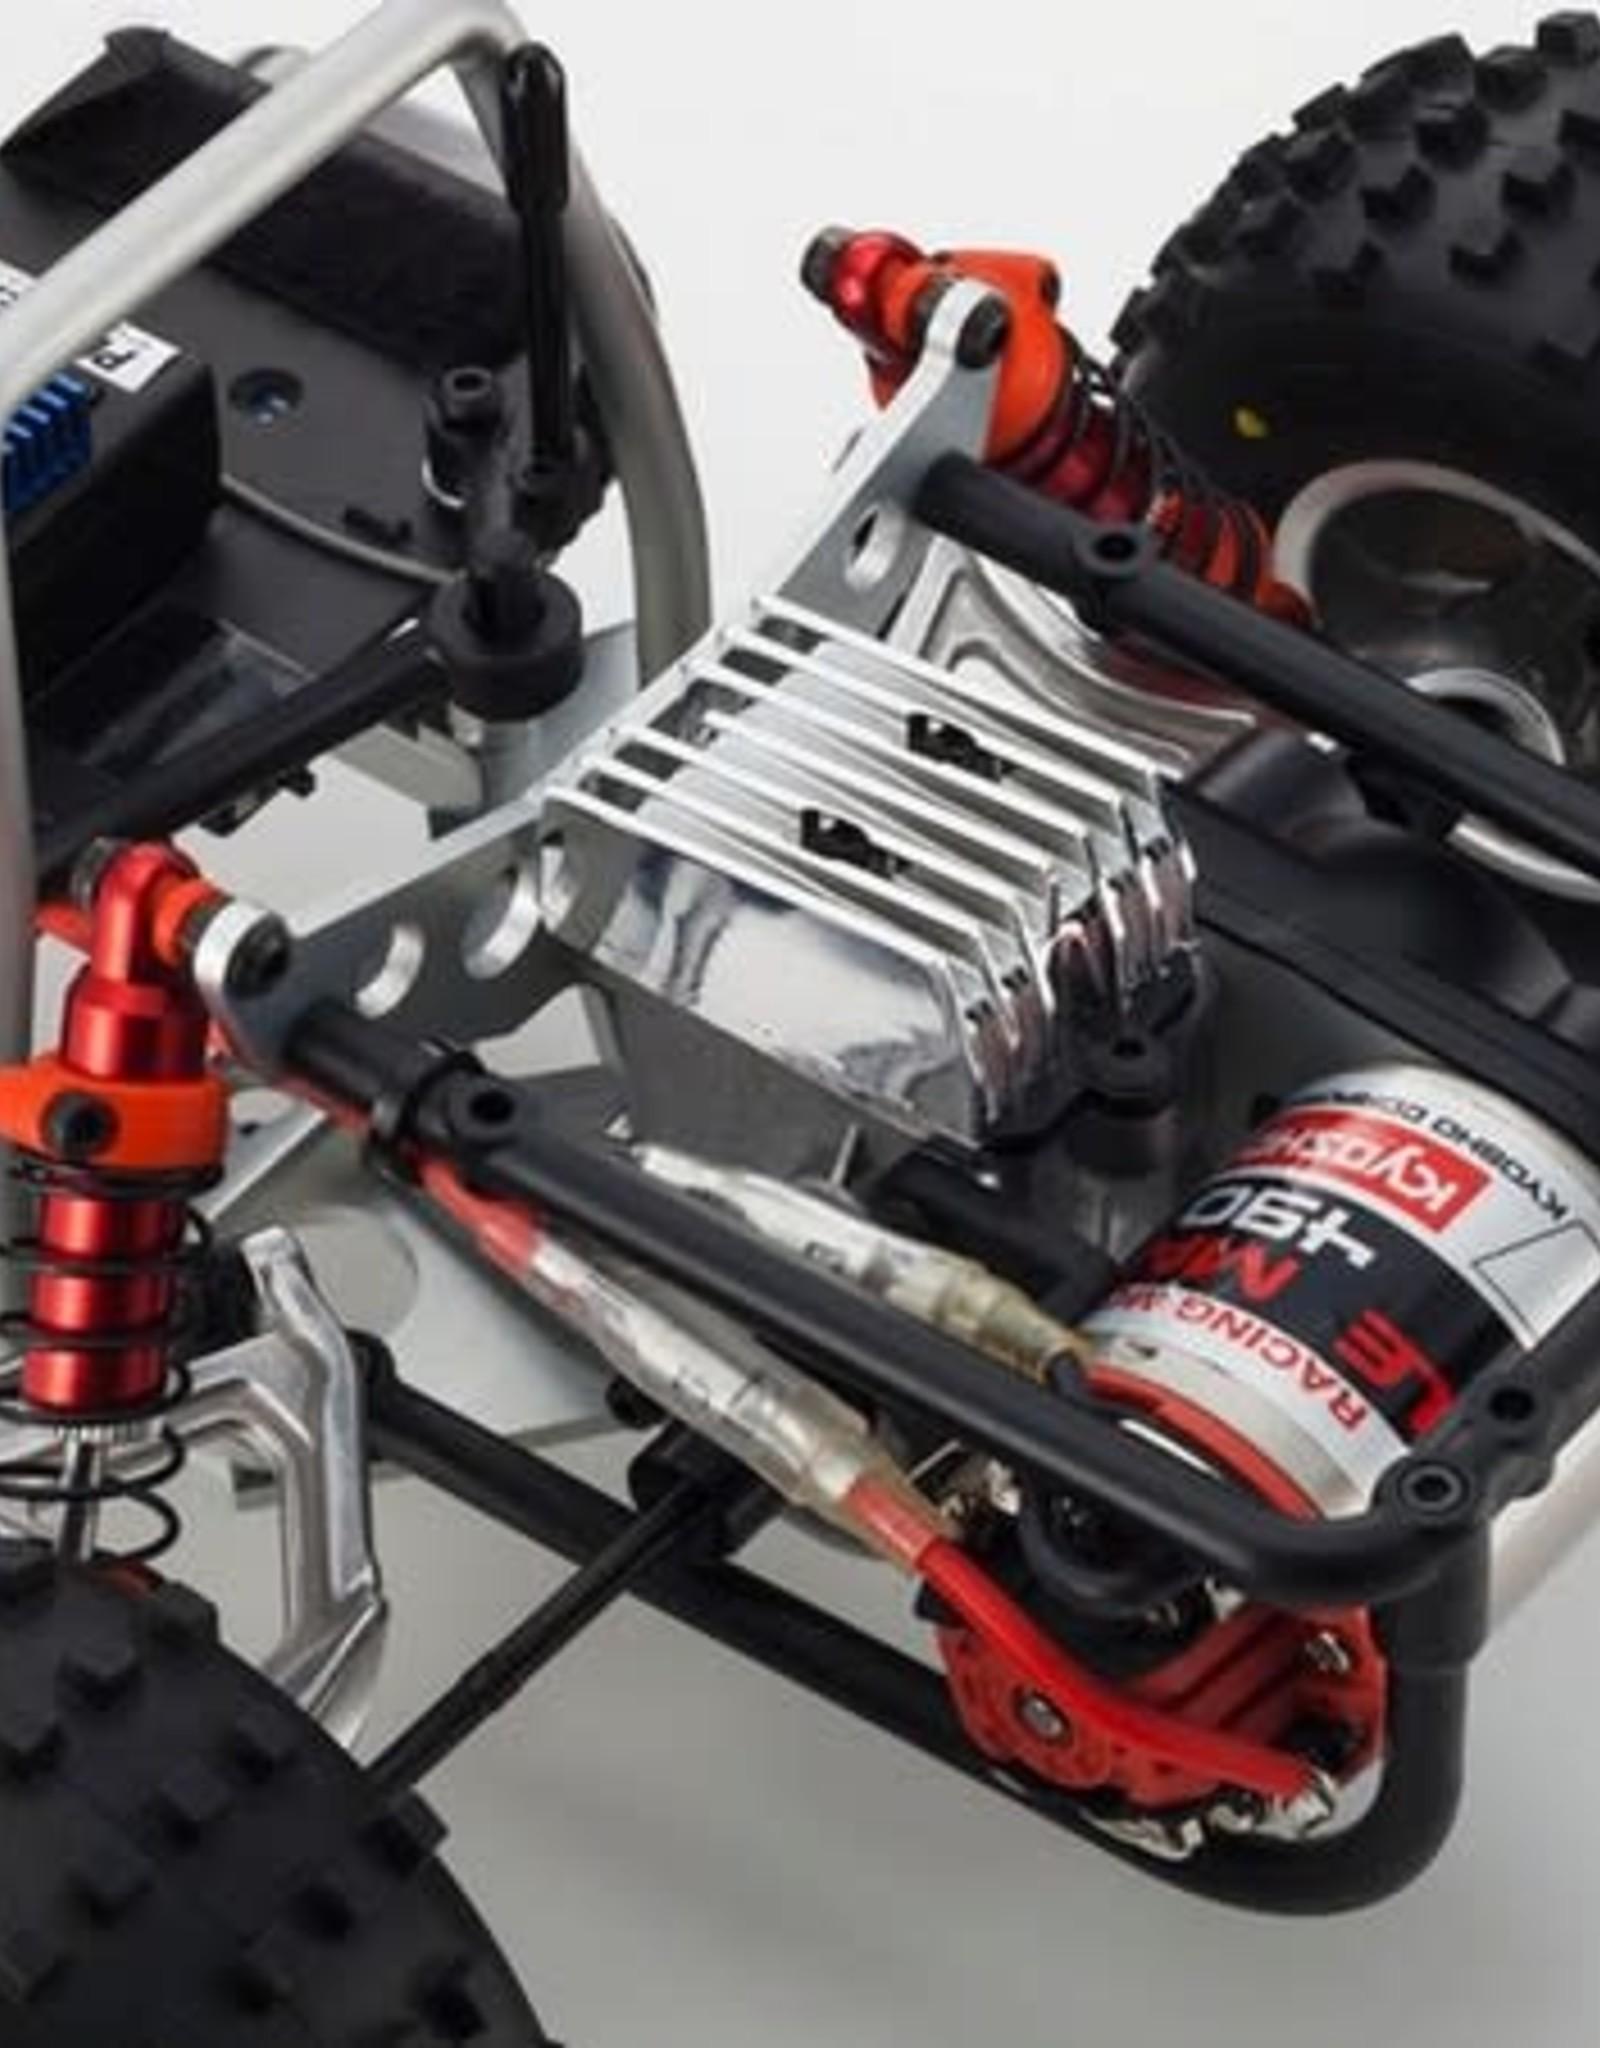 KYOSHO KYO30615B  Tomahawk Buggy Kit